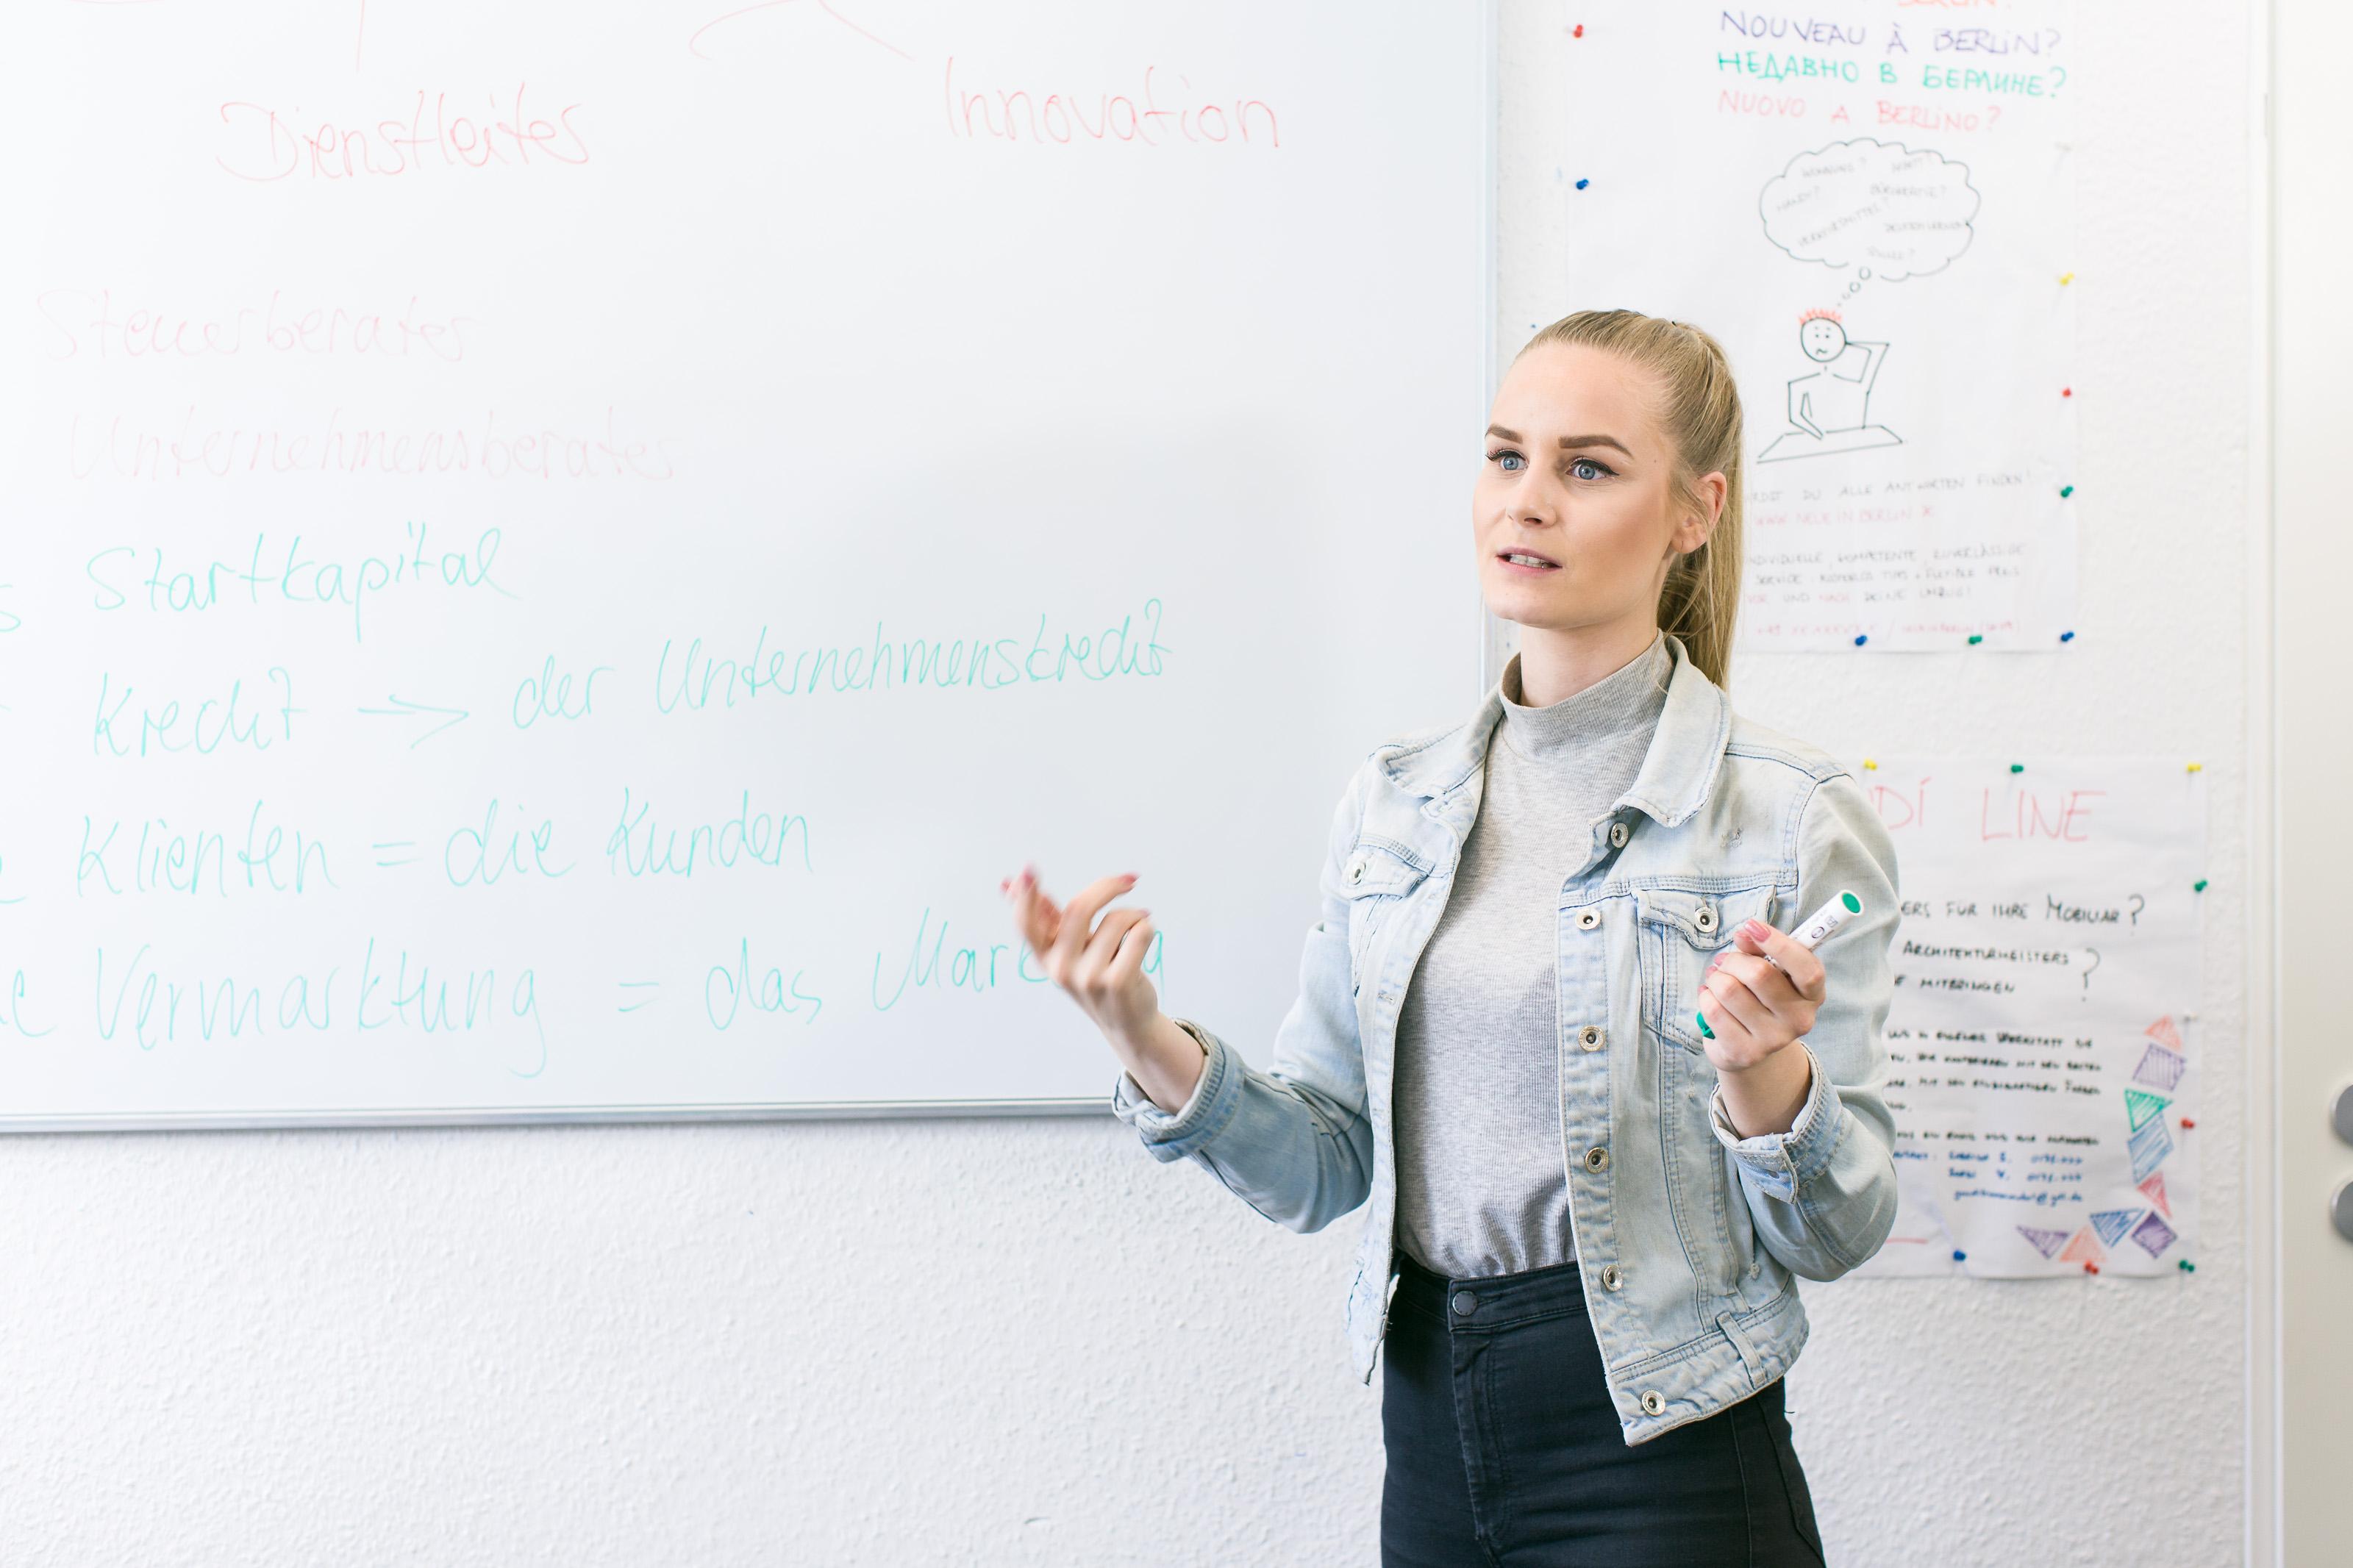 Curso intensivo de alemán en Berlín